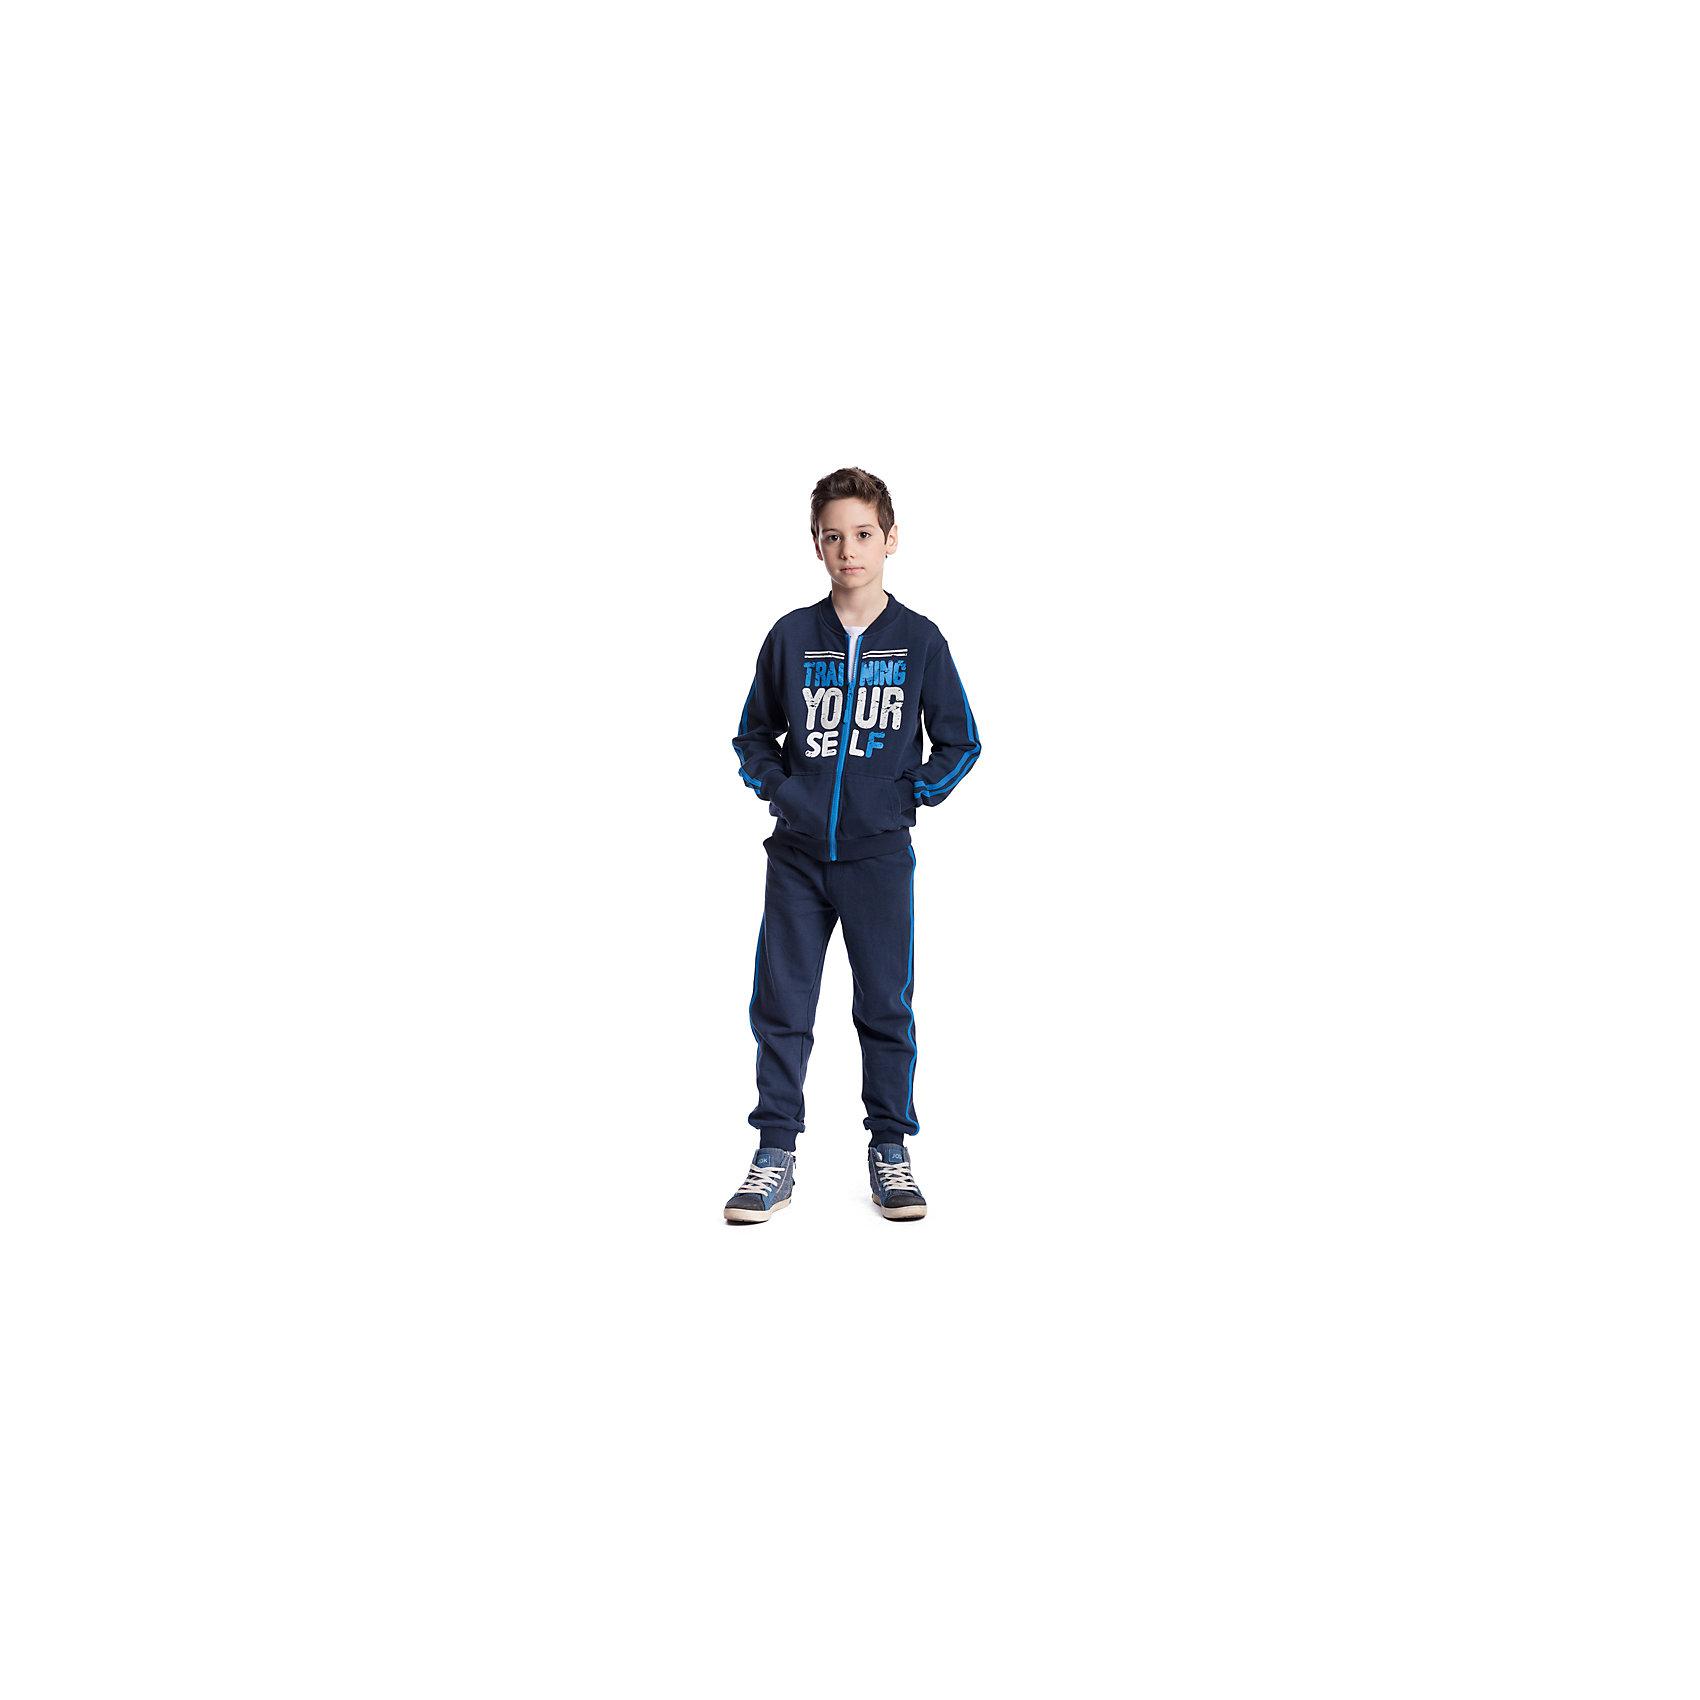 Комплект для мальчика: толстовка, брюки ScoolСпортивная форма<br>Комплект для мальчика: толстовка, брюки Scool<br>, Комплект из толстовки и брюк подойдет и для занятий спортом, для прогулок и для домашнего использования. Воротник, манжеты и низ толстовки выполнены из мягкой трикотажной ткани. Брюки декорированы лампасами на удобной широкой резинке и дополнительно снабжены регулируемым шнуром - кулиской. Низ брюк на мягких резинках.Преимущества: Свободный крой не сковывает движений ребенкаАккуратные швы не вызывают неприятных ощущенийМодель декорирована эффектным принтом<br>Состав:<br>80% хлопок, 20% полиэстер<br><br>Ширина мм: 215<br>Глубина мм: 88<br>Высота мм: 191<br>Вес г: 336<br>Цвет: синий<br>Возраст от месяцев: 156<br>Возраст до месяцев: 168<br>Пол: Мужской<br>Возраст: Детский<br>Размер: 164,140,146,152,122,128,158,134<br>SKU: 6754507